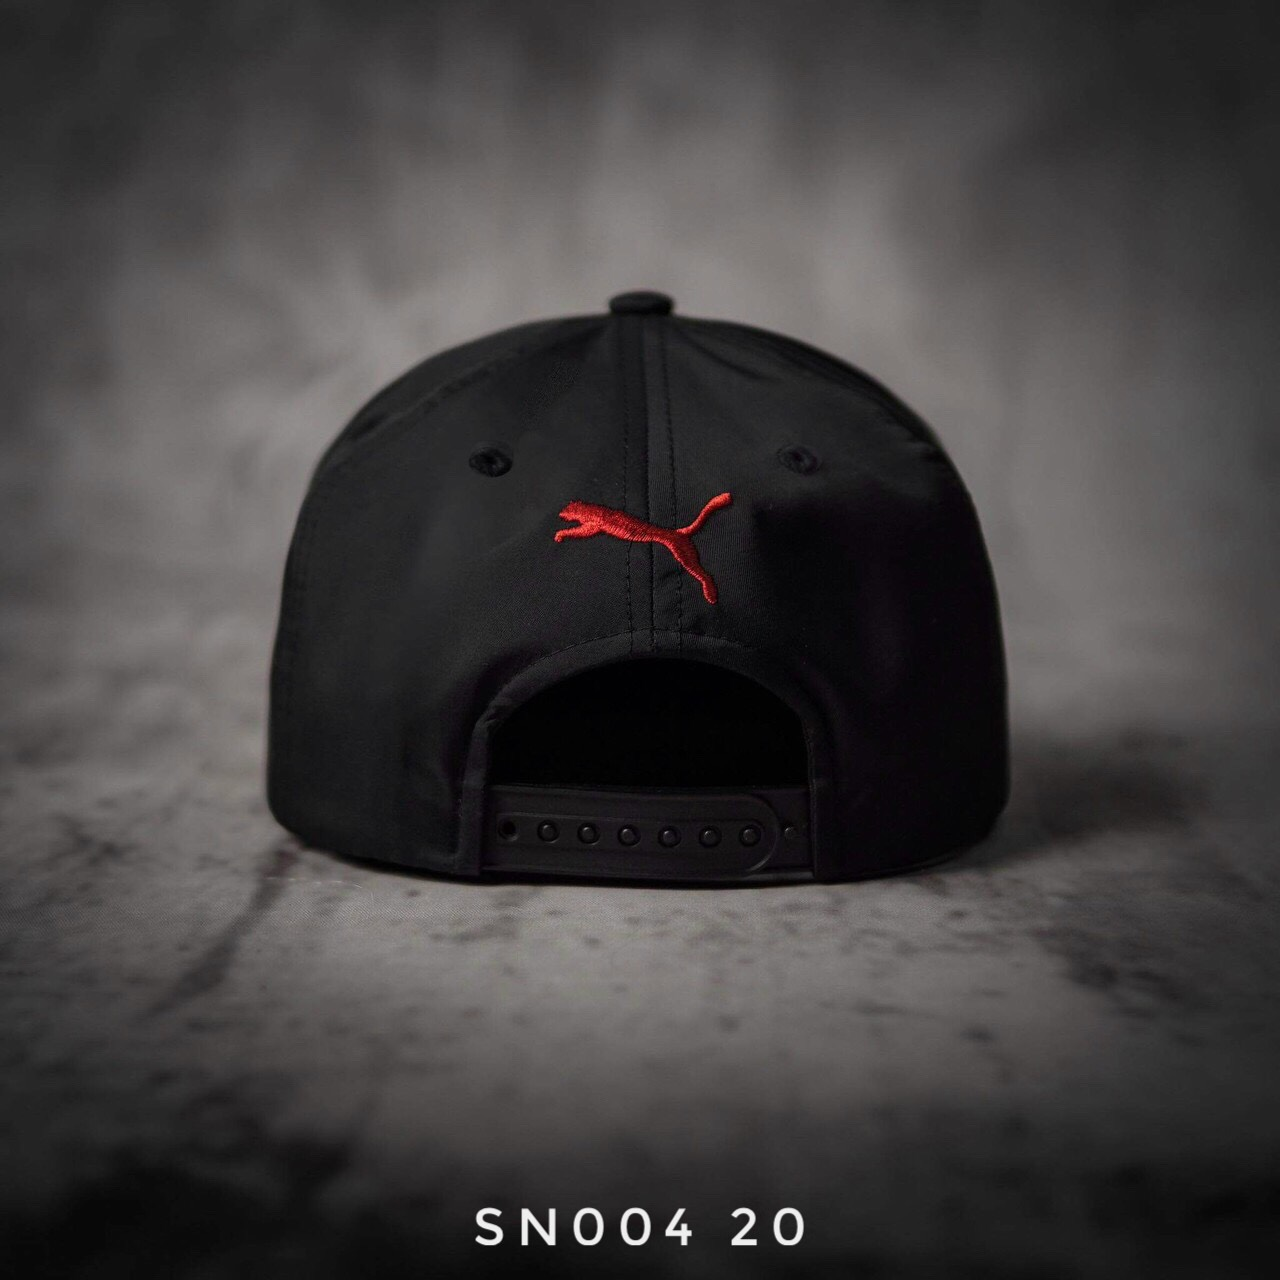 NÓN SN004